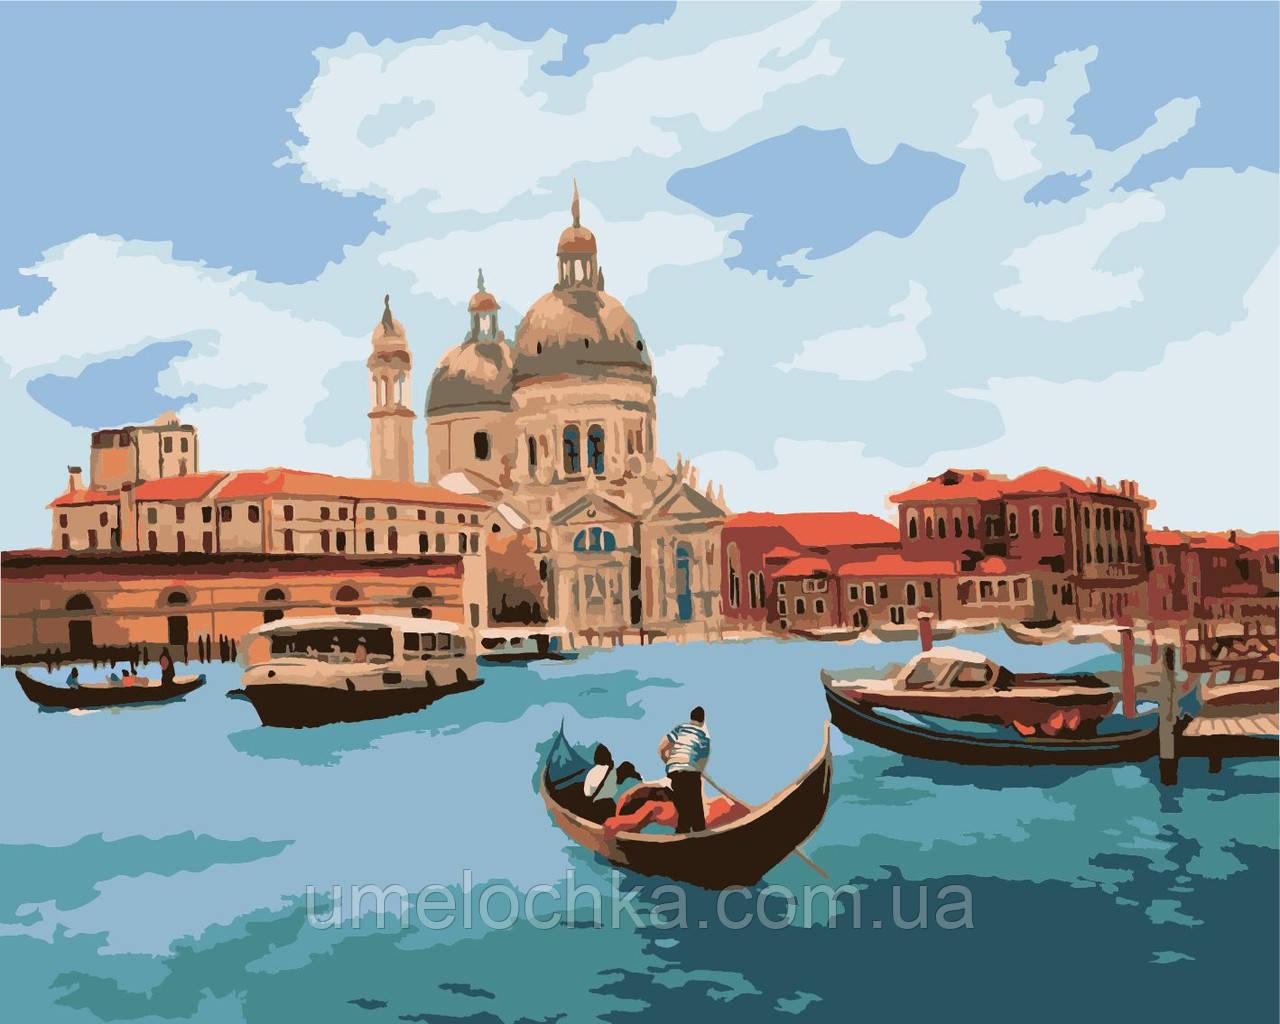 Картина по номерам на холсте без коробки Идейка Полдень в Венеции (KHO2118) 40 х 50 см